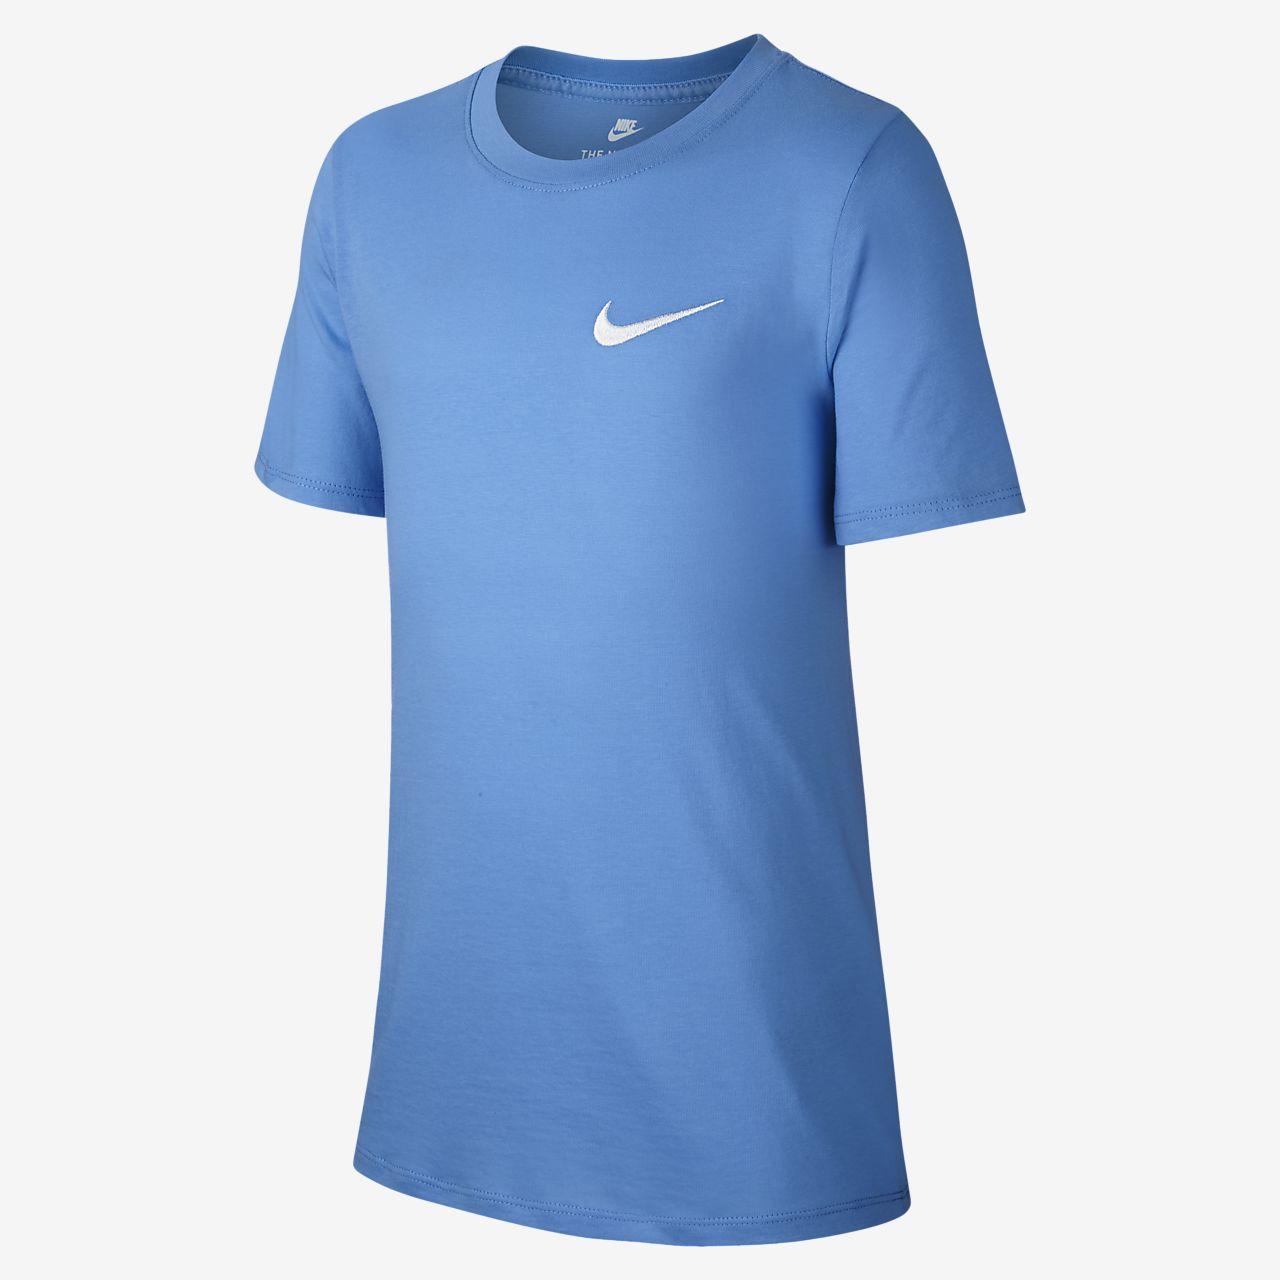 T-shirt Nike Sportswear - Bambino/Ragazzo